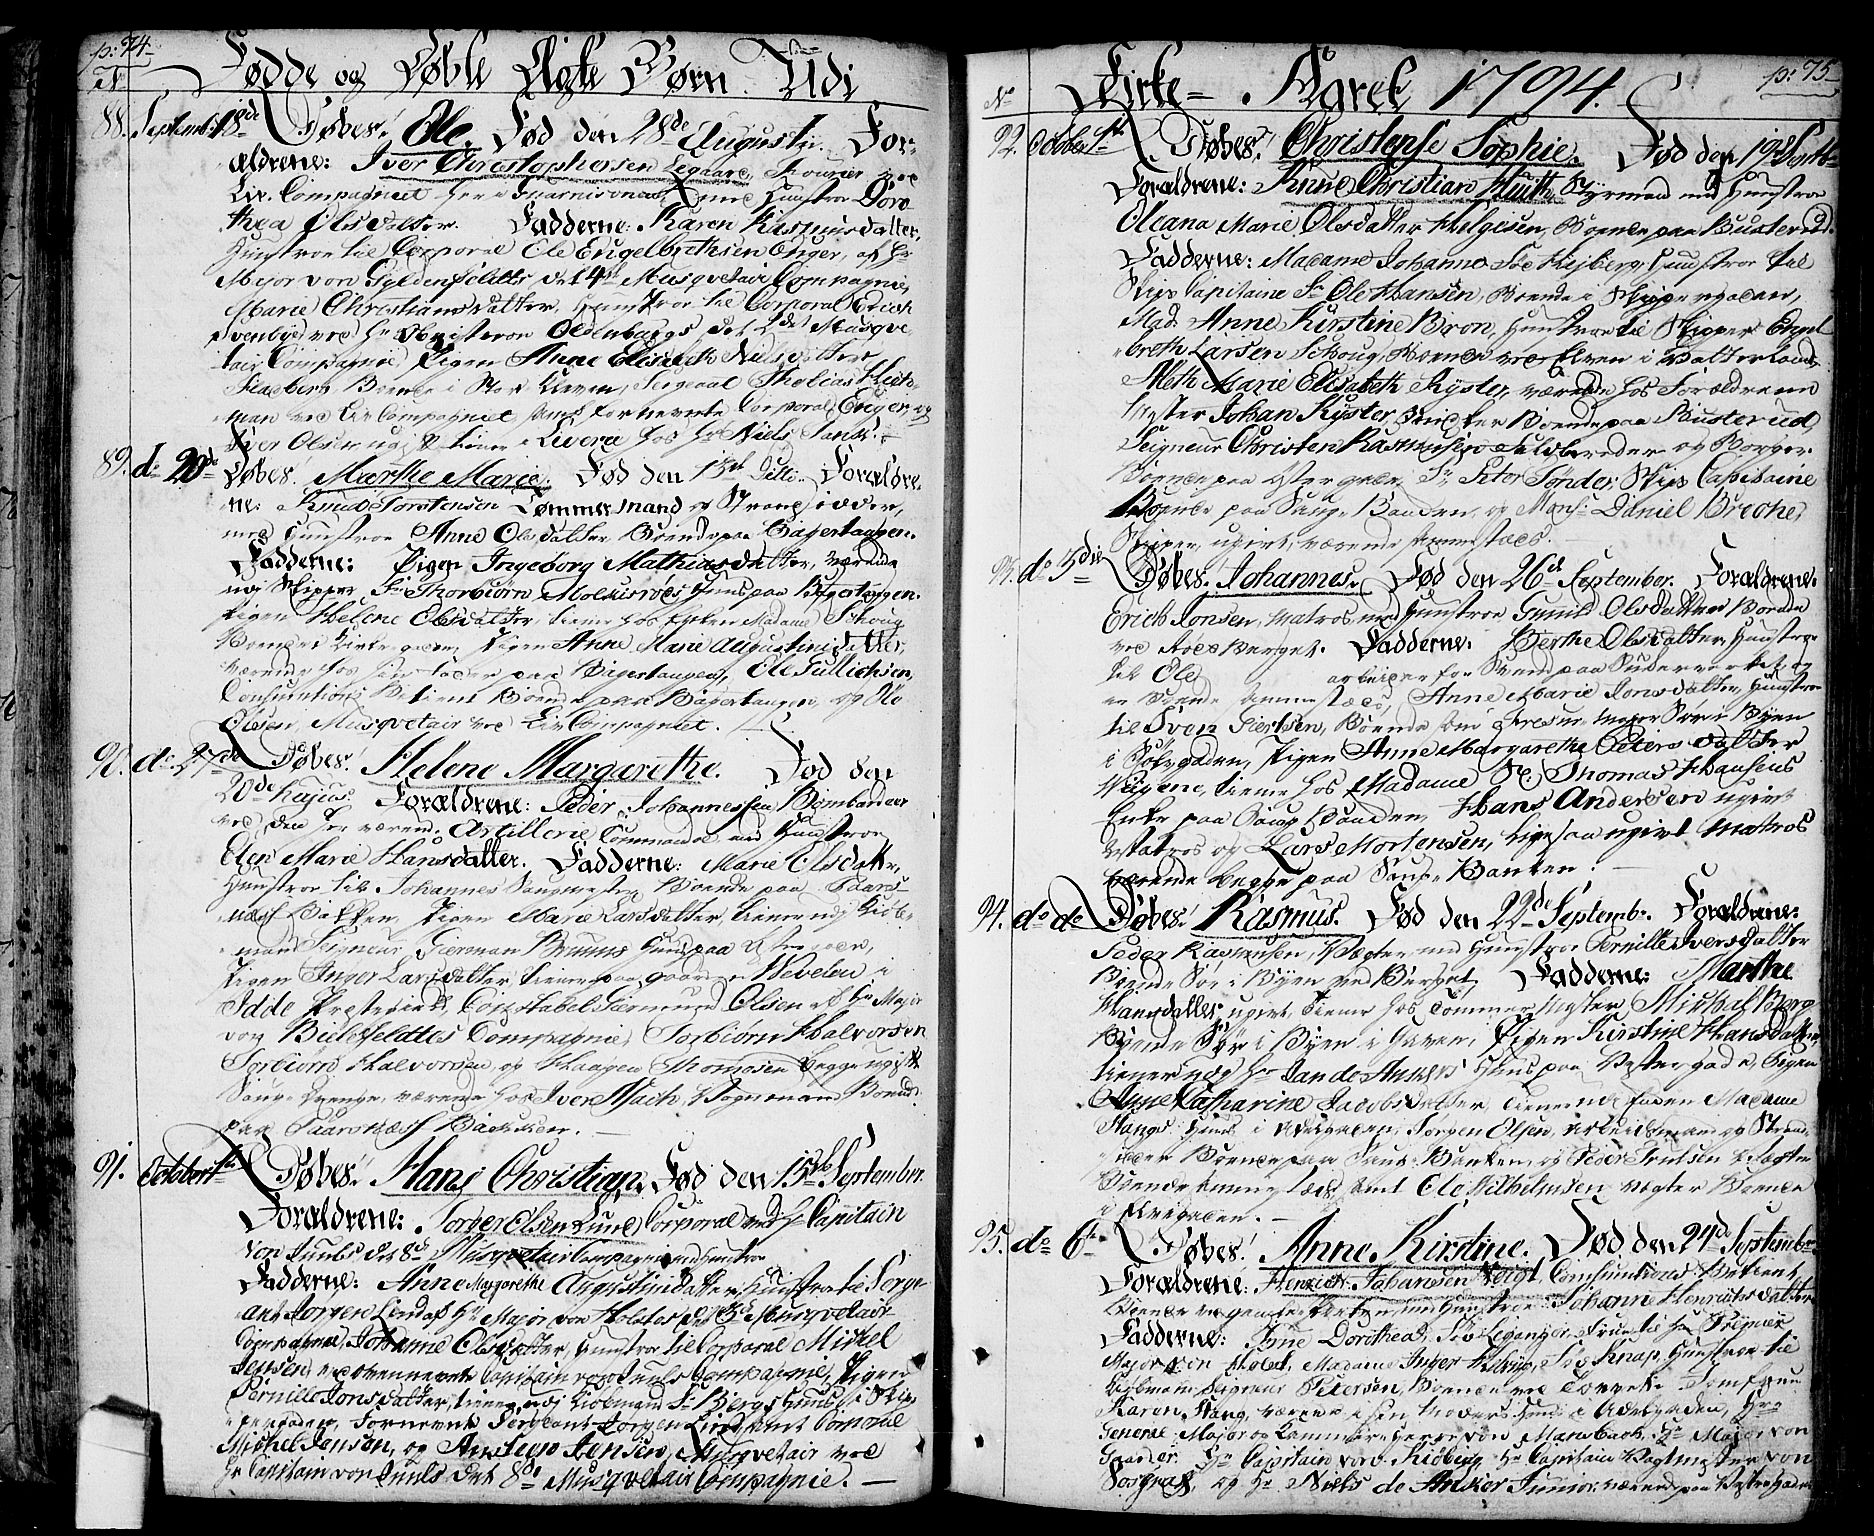 SAO, Halden prestekontor Kirkebøker, F/Fa/L0002: Ministerialbok nr. I 2, 1792-1812, s. 74-75